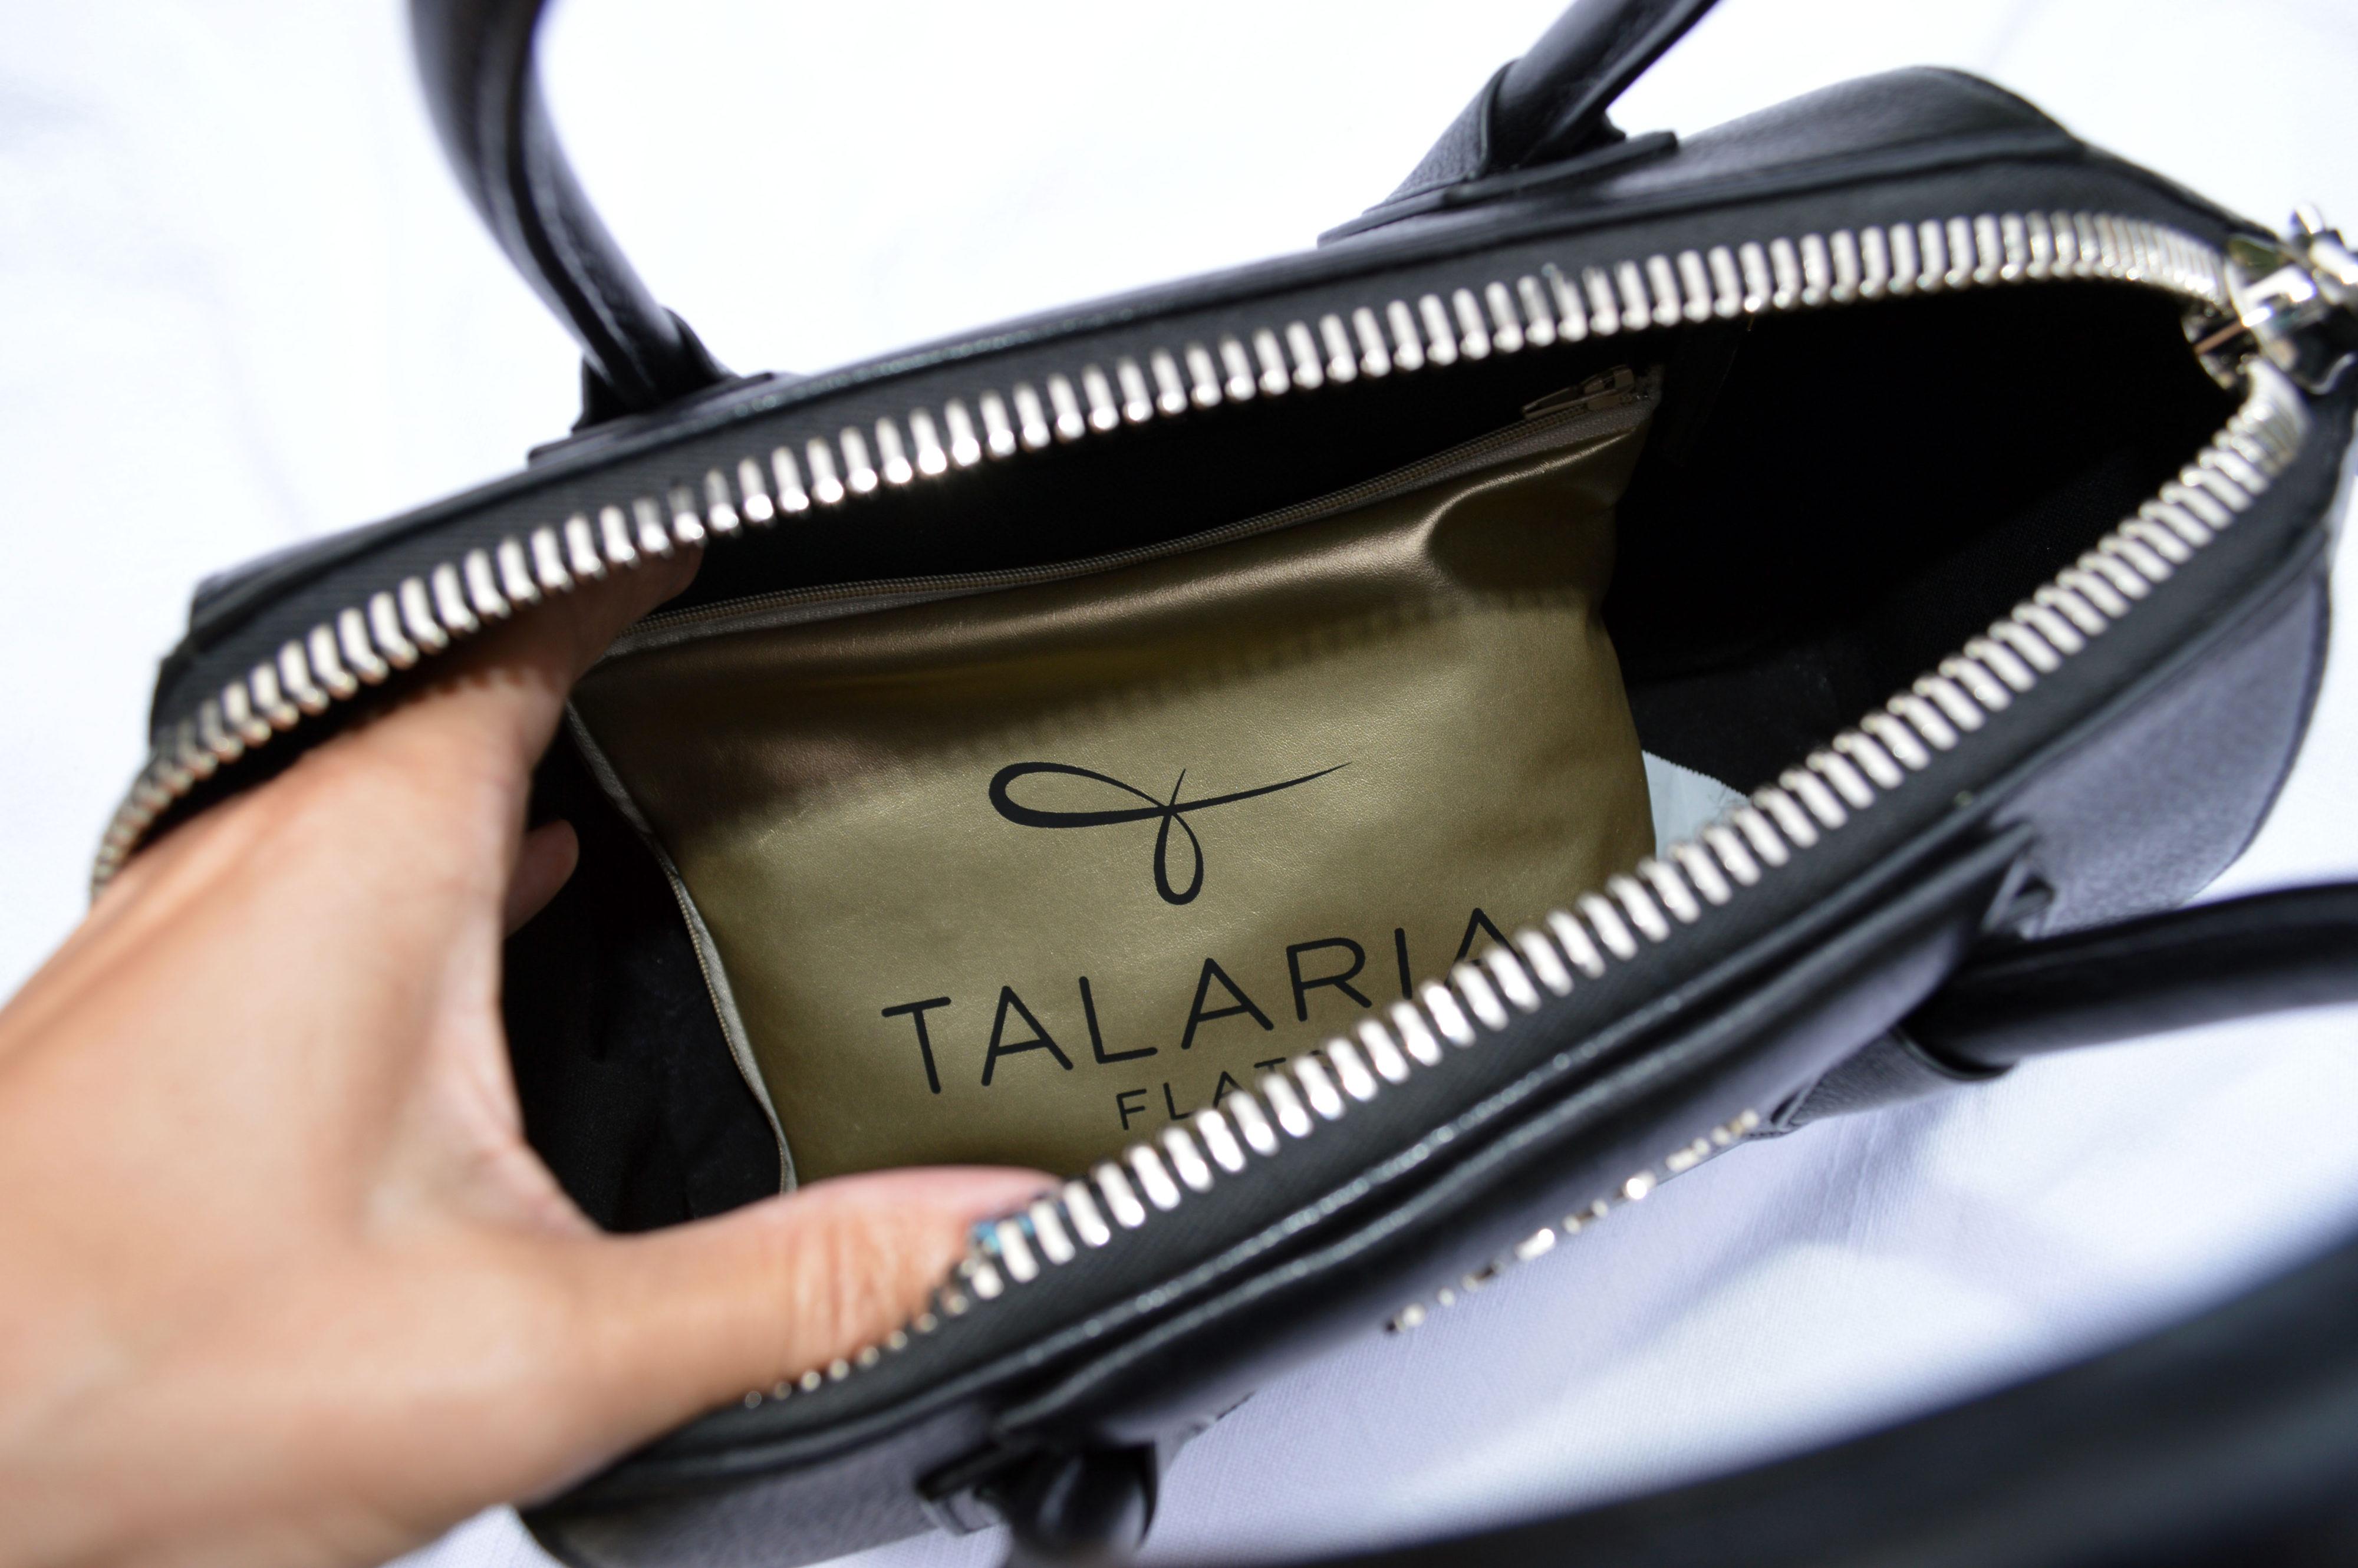 talaria fold up flats